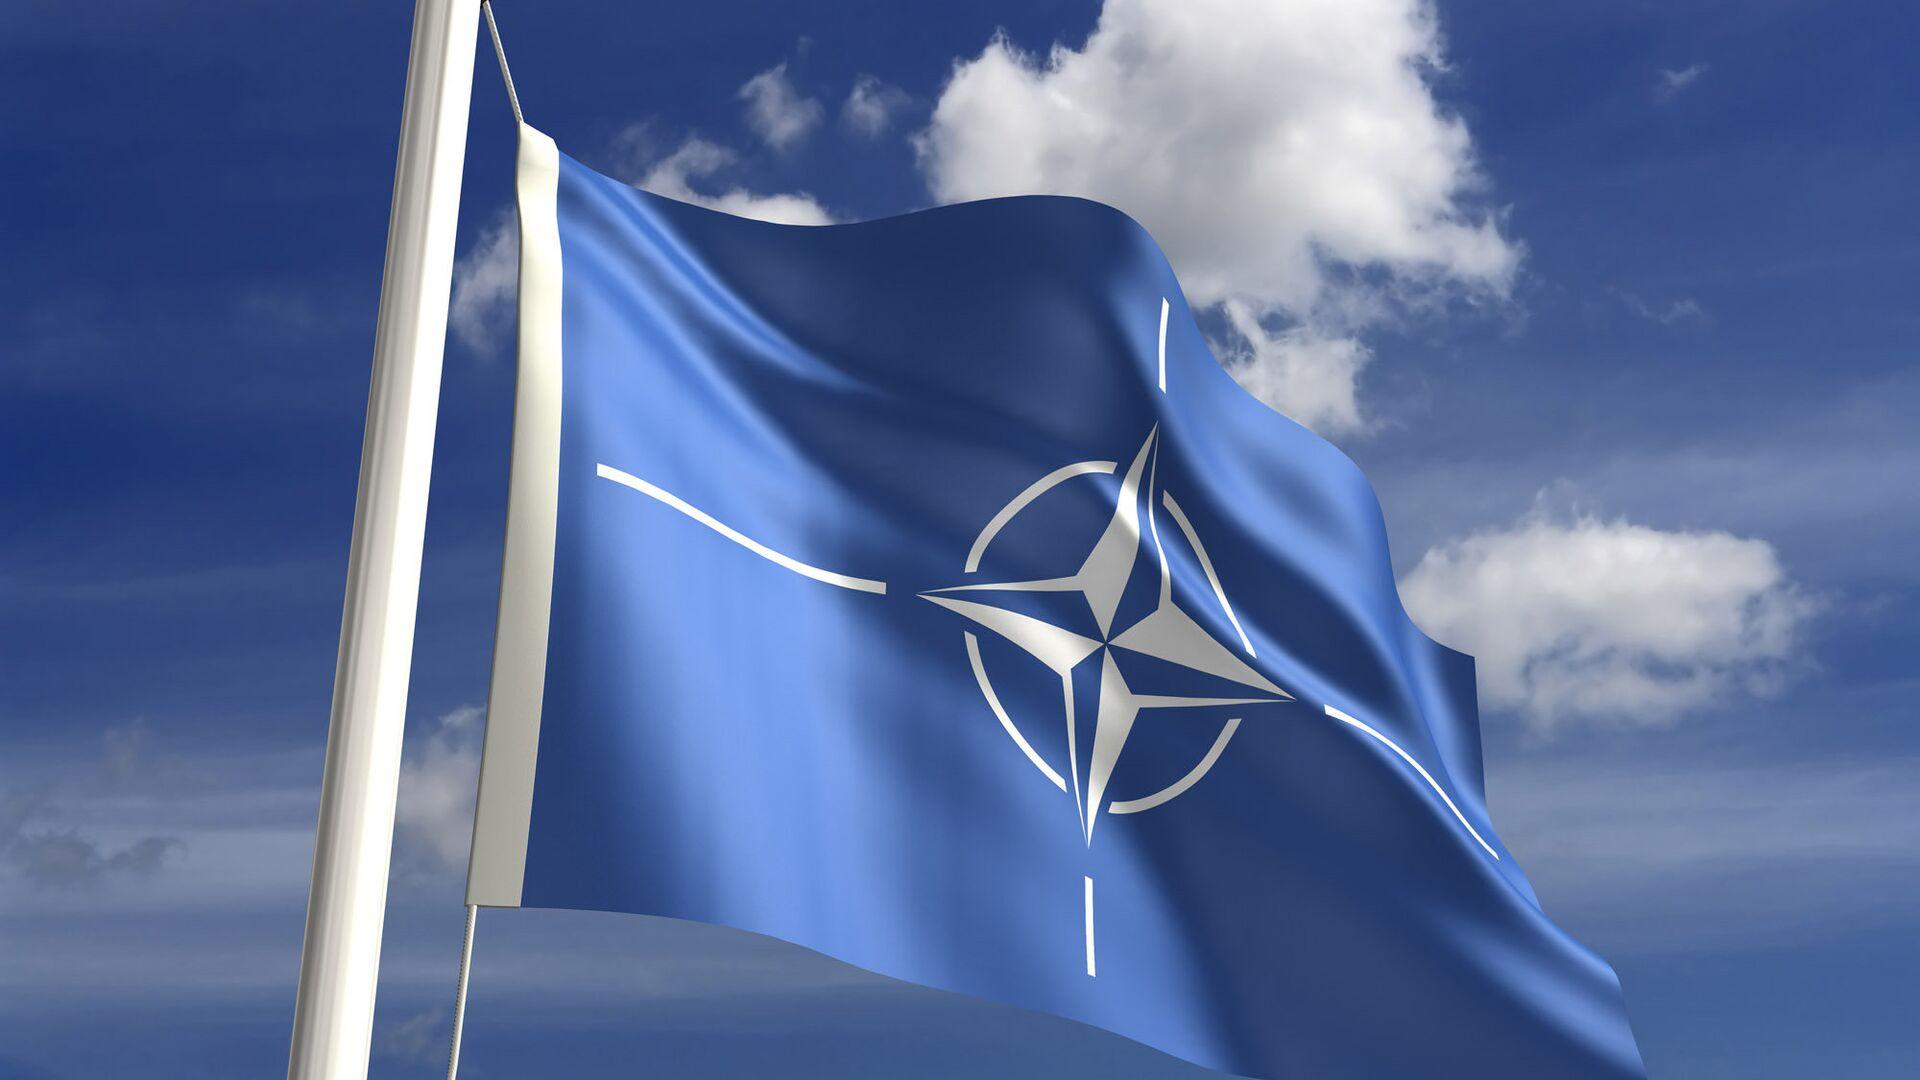 La bandera de la OTAN - Sputnik Mundo, 1920, 07.10.2021